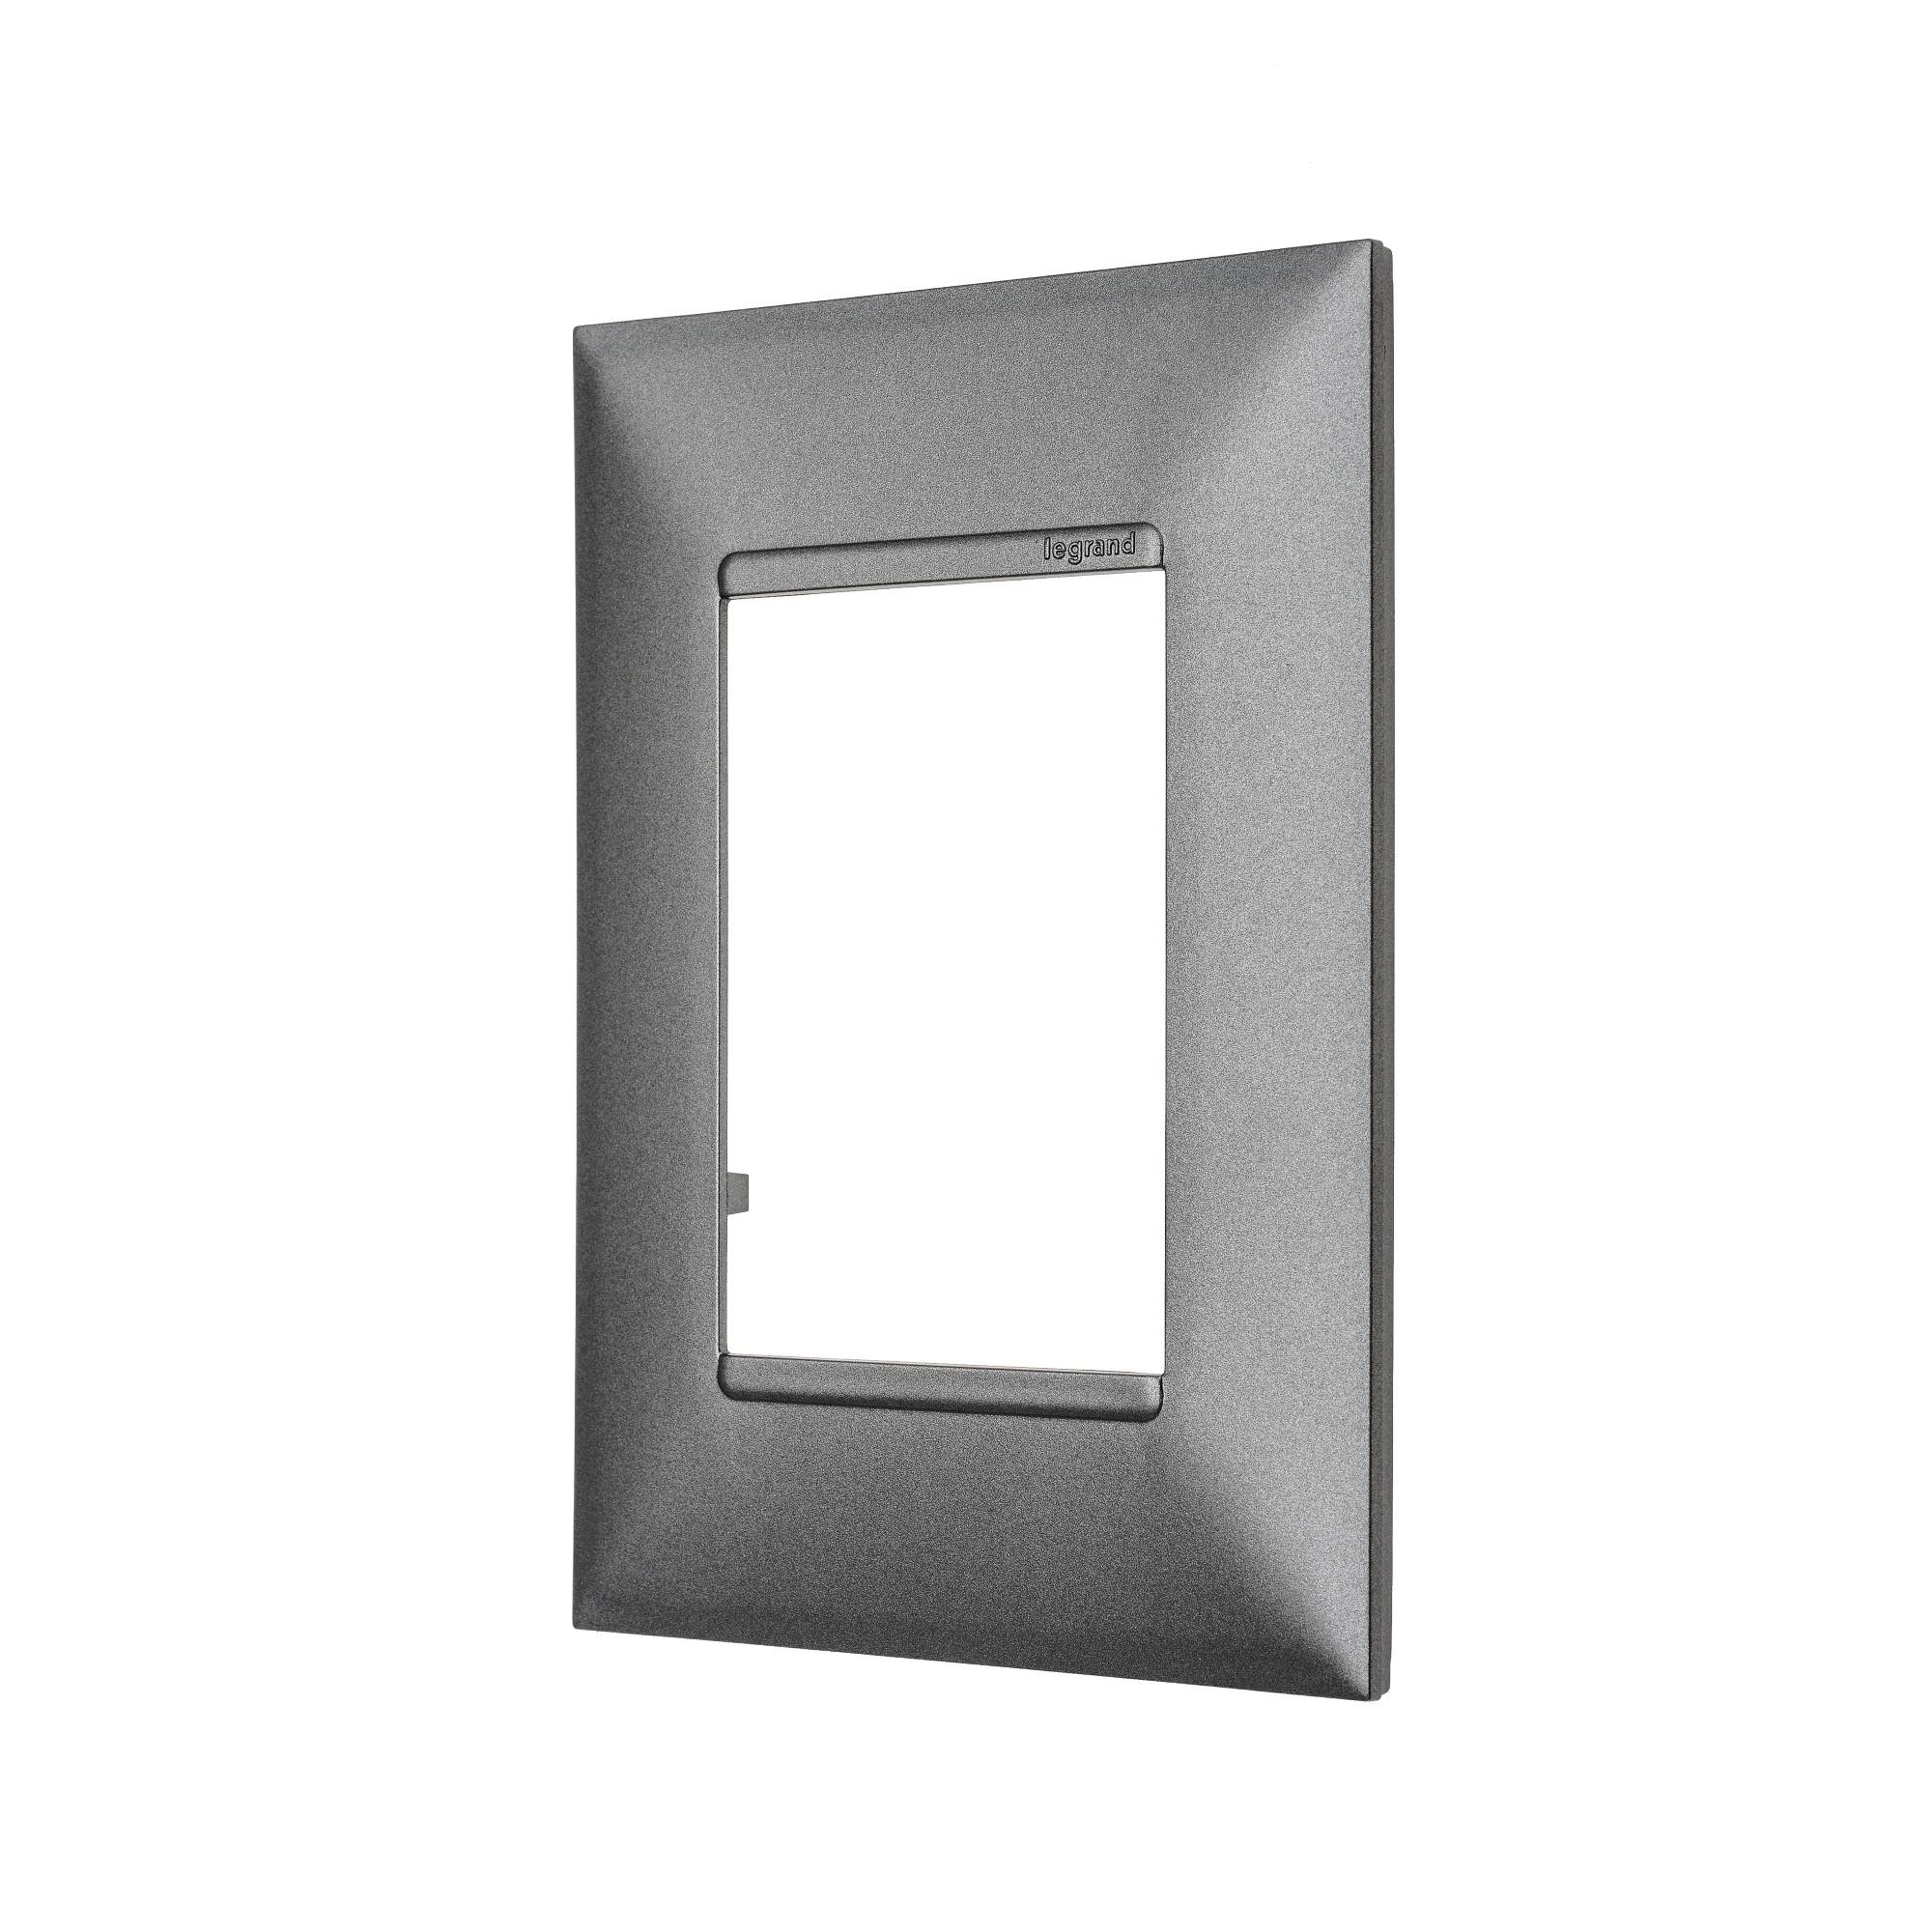 Placa 4 x 2 Quadrada 3 Postos Pearl Aluminio - Pial Plus - Legrand